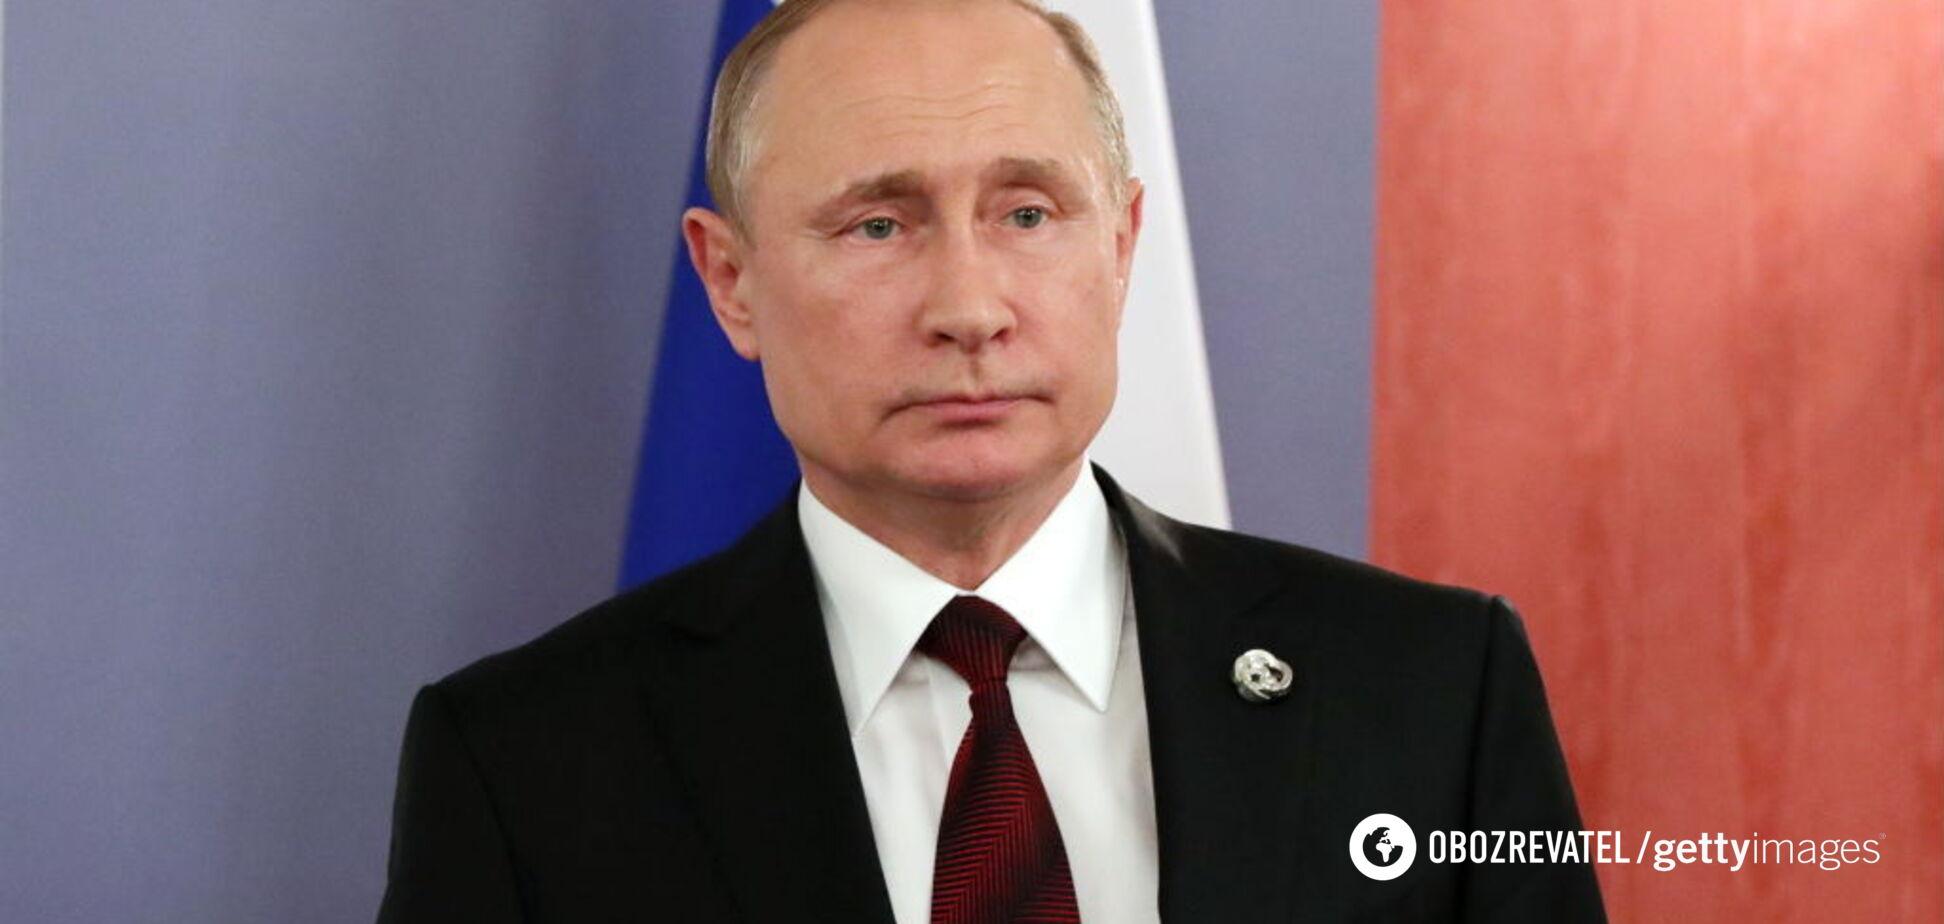 'Тупое быдло!' Путина разгромили за пошлую шутку: видео